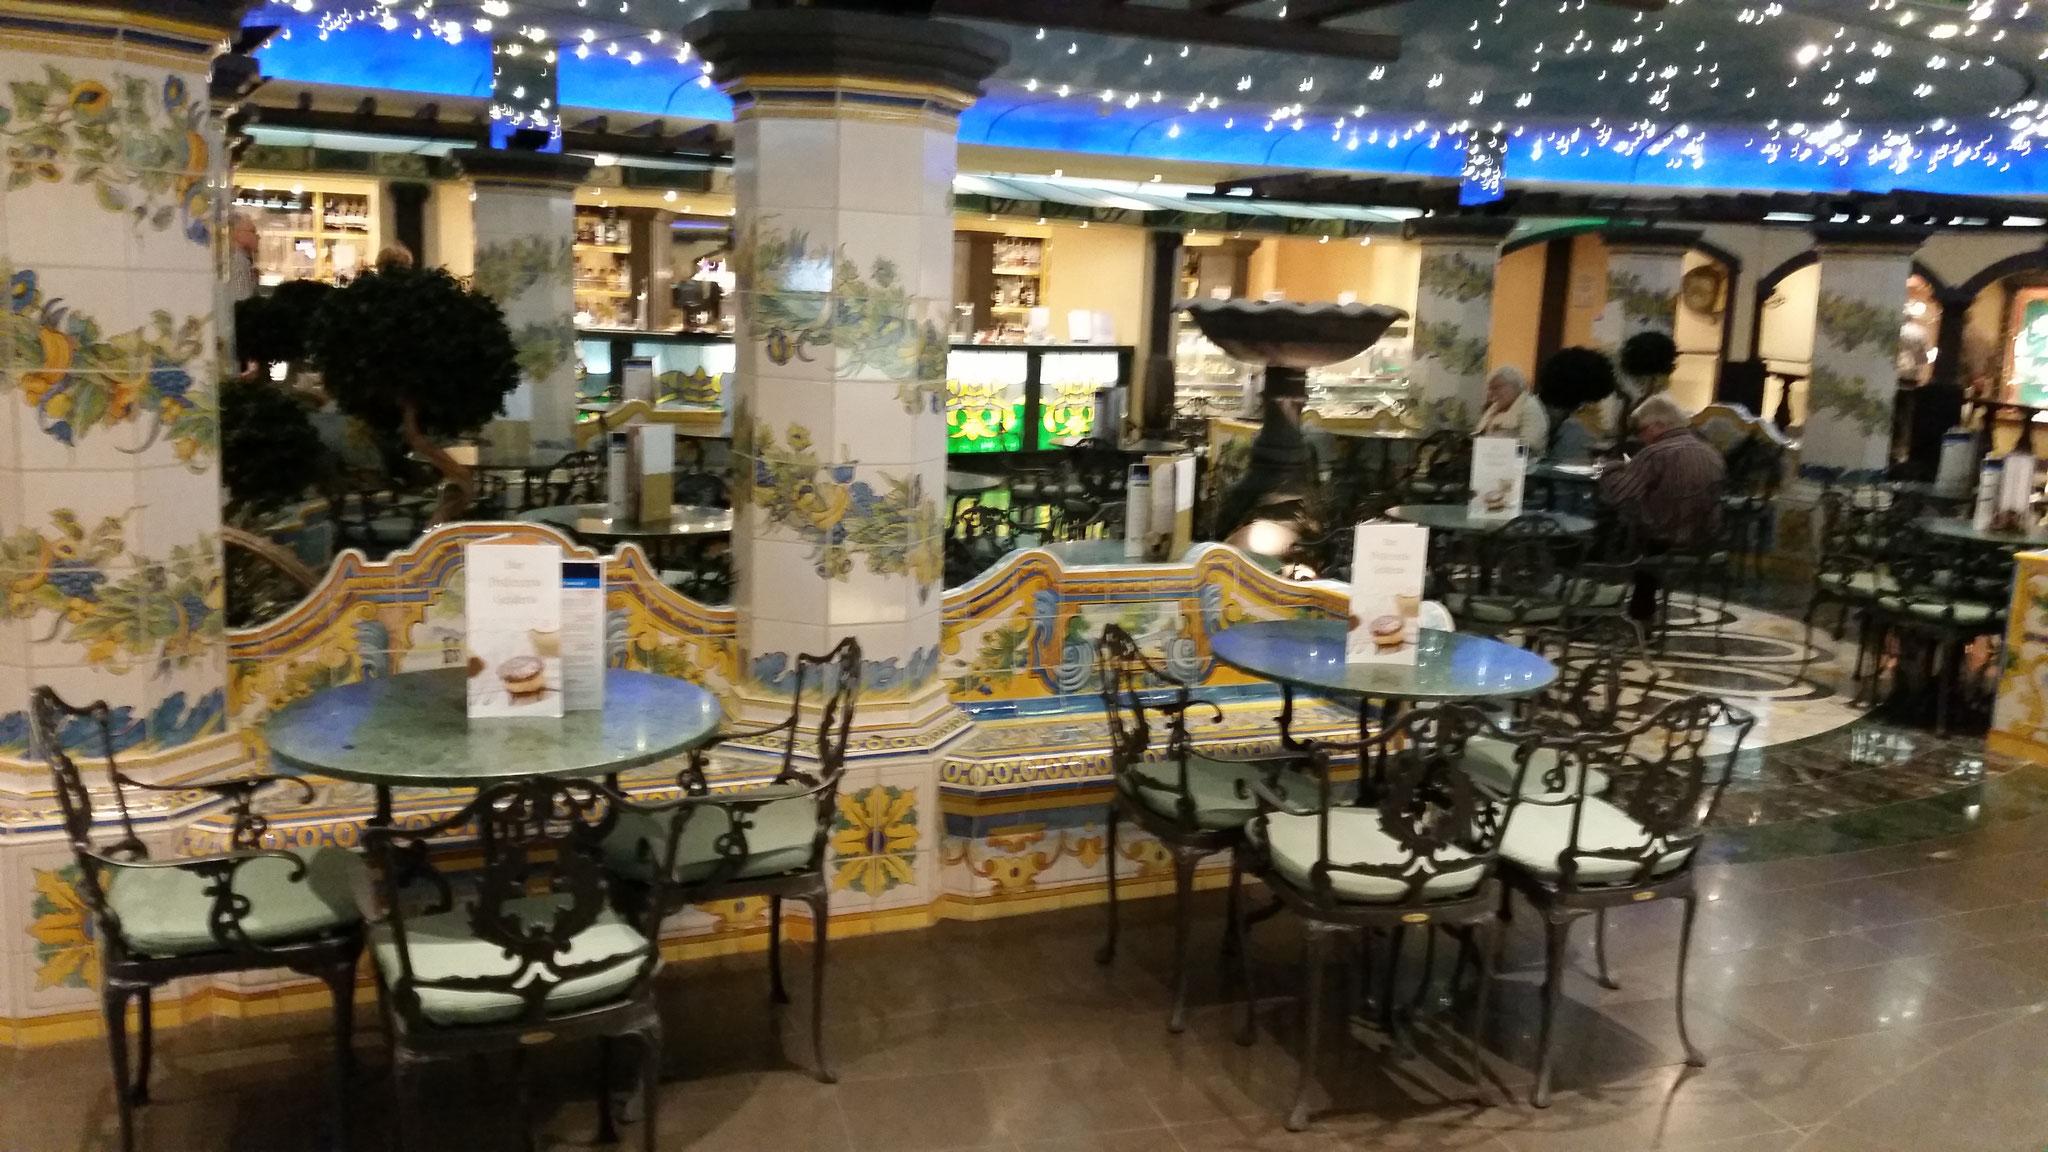 Das La Piazzetta mit Cafe und Shoppingmöglichkeiten